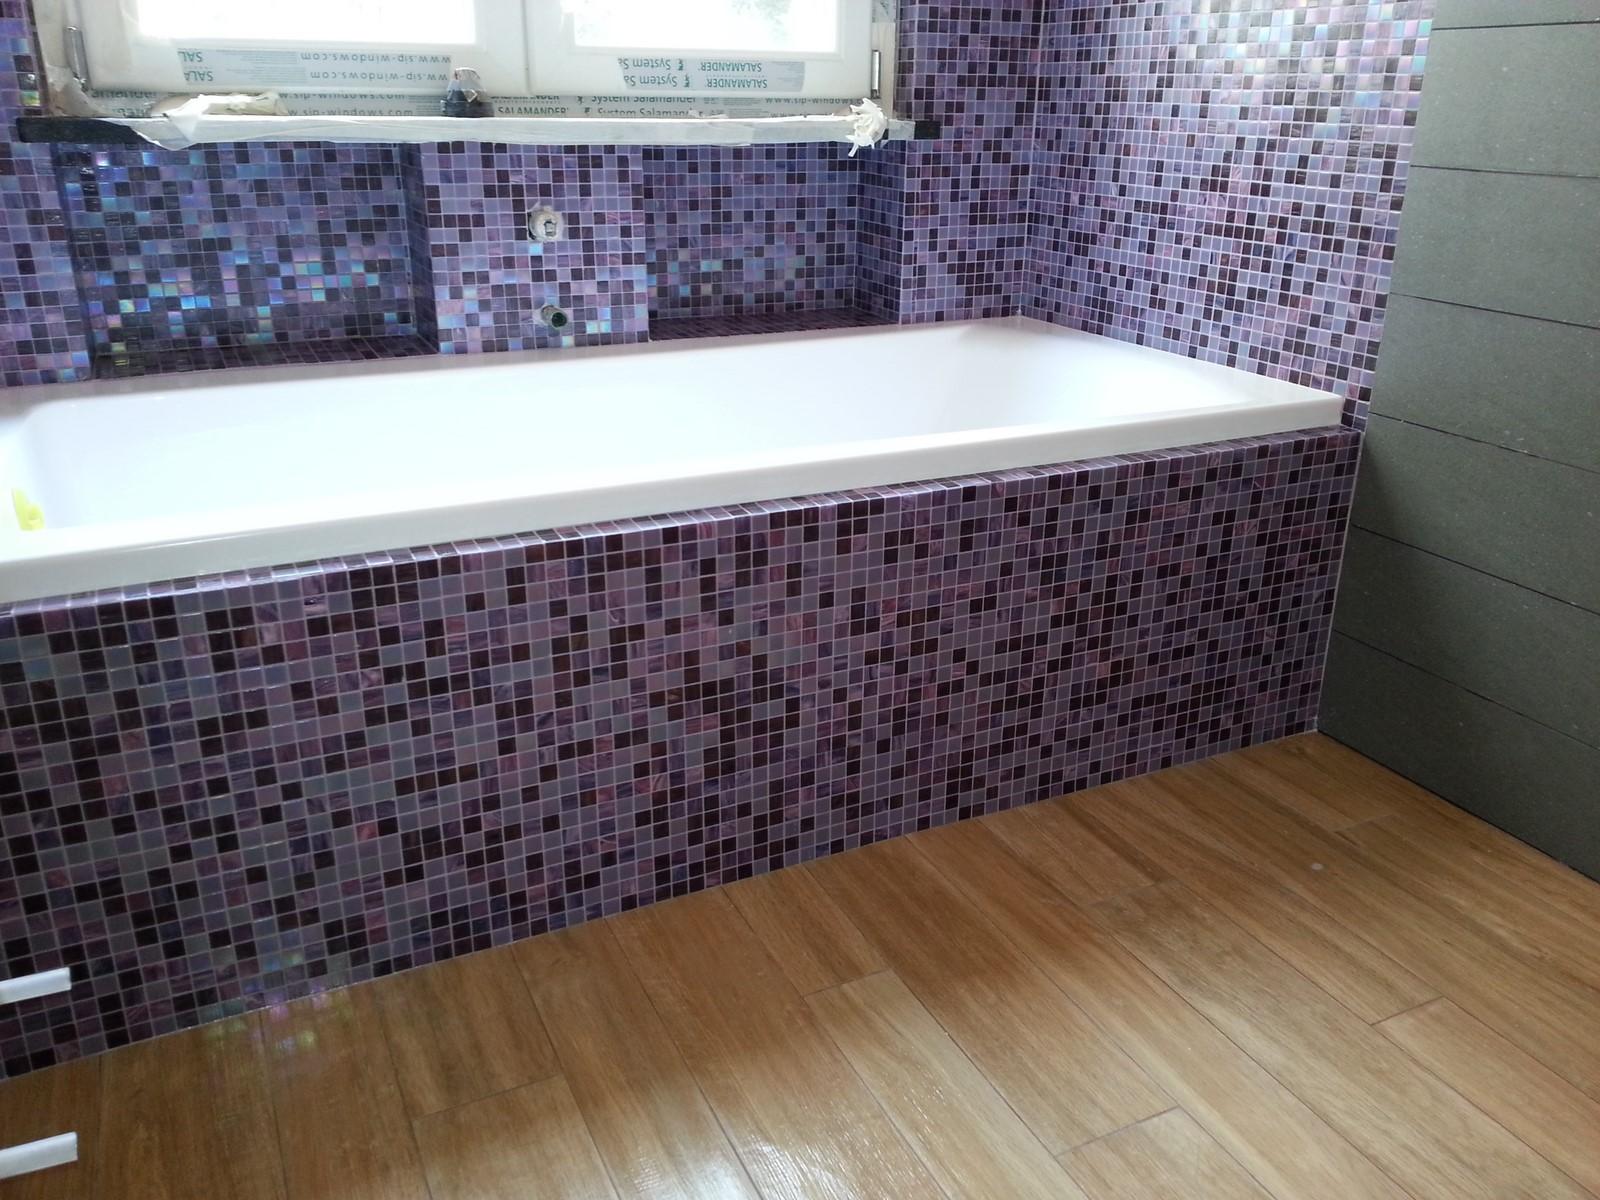 Rivestimento della vasca da bagno in mosaico di vetro viola - Piastrelle viola bagno ...